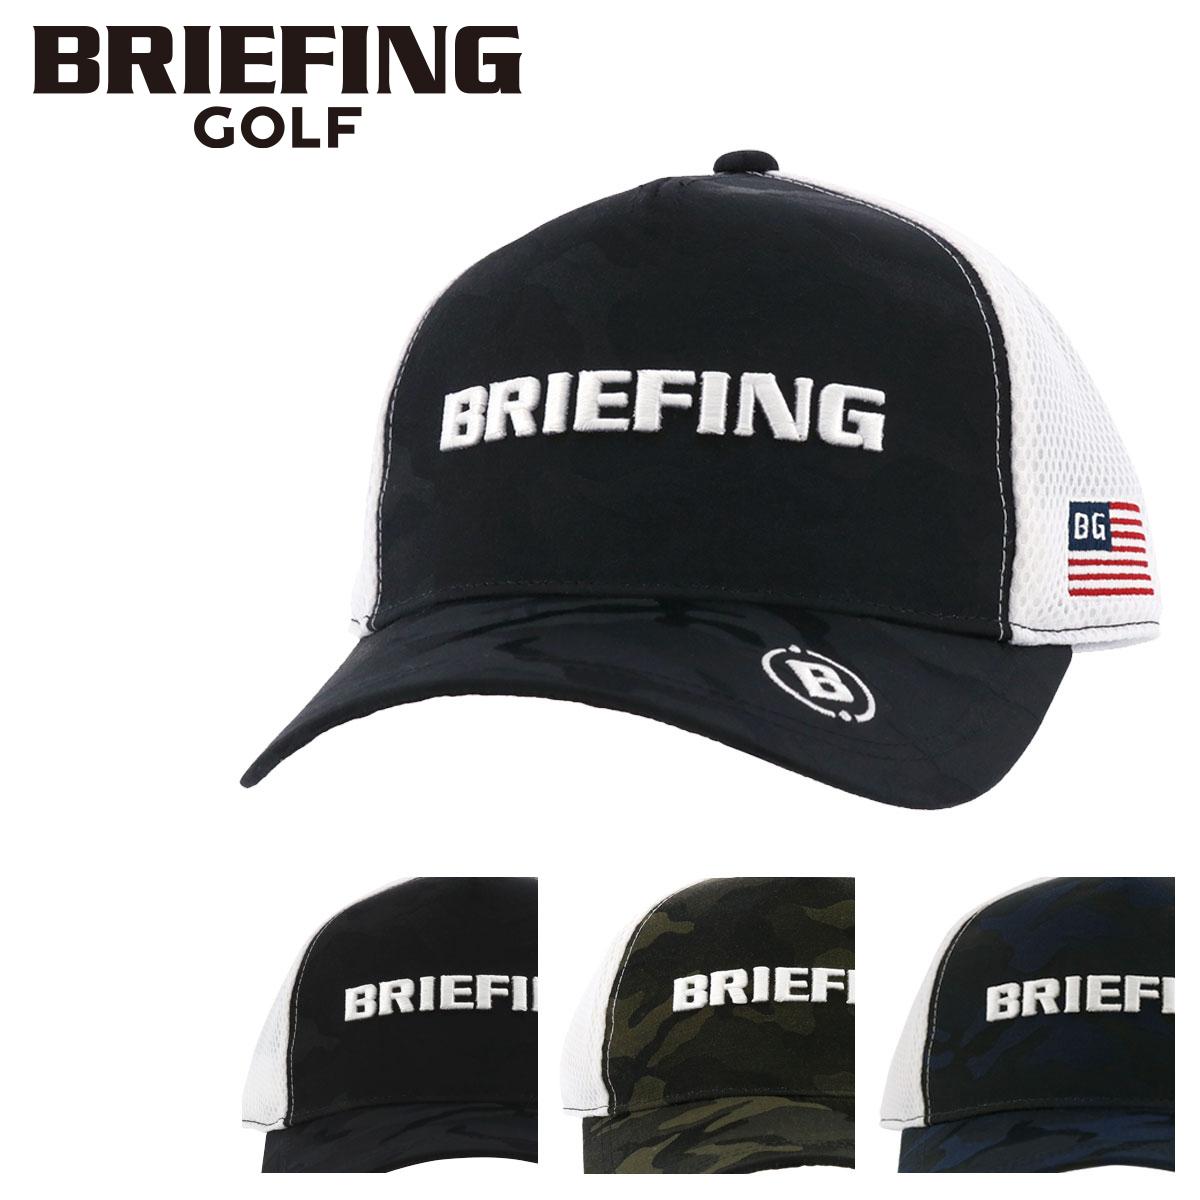 送料無料 あす楽 ブリーフィング ゴルフ メッシュキャップ メンズ BRG211M49 BRIEFING MESH 帽子 即日発送 PO10 CAMO 訳あり商品 MS bef CAP WEB限定